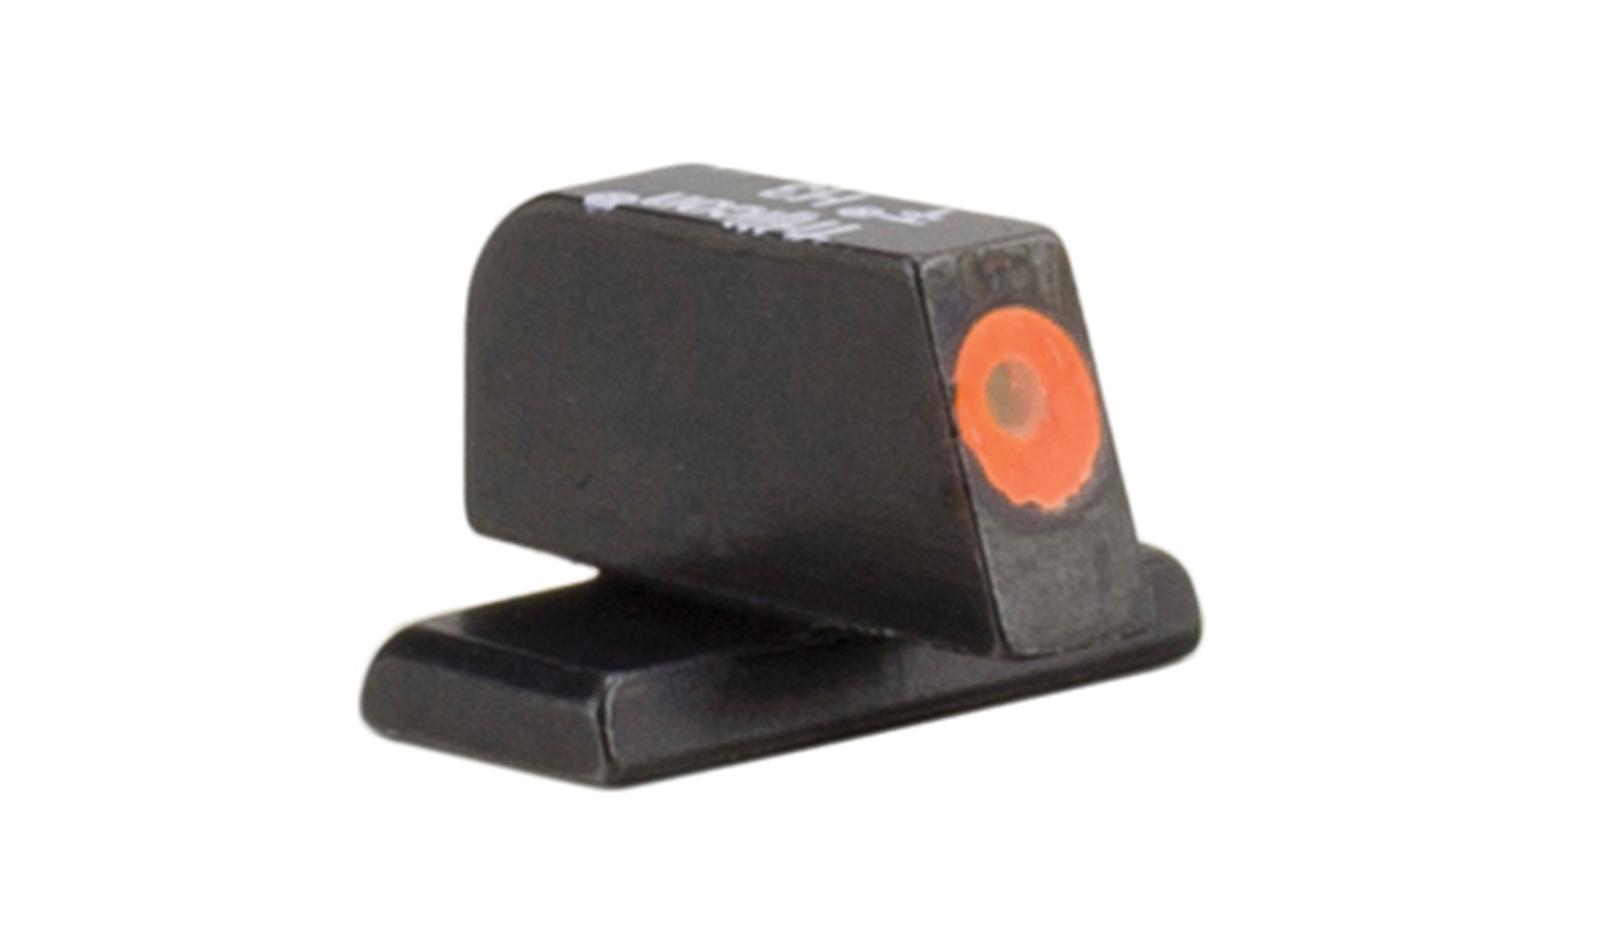 SP601-C-600873 angle 3